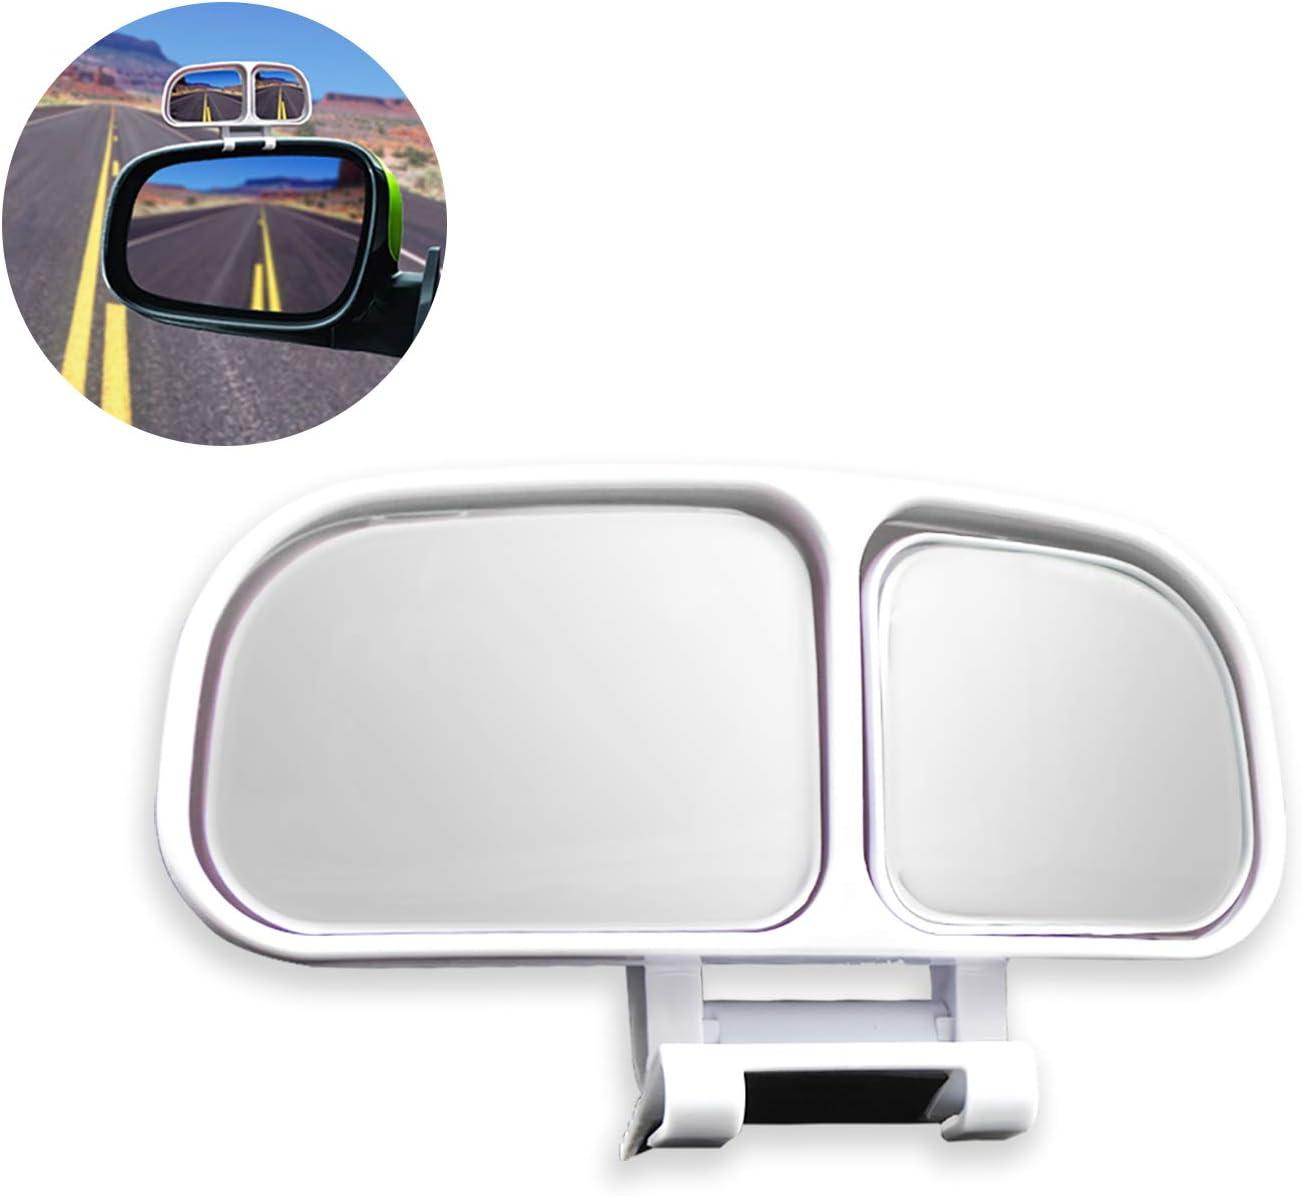 WEKON Espejo para puntos ciegos, espejo auxiliar ajustable para espejos laterales o puertas ciegos, espejos retrovisores impermeables de gran ángulo para vehículos universales SUV Truck (blanco)